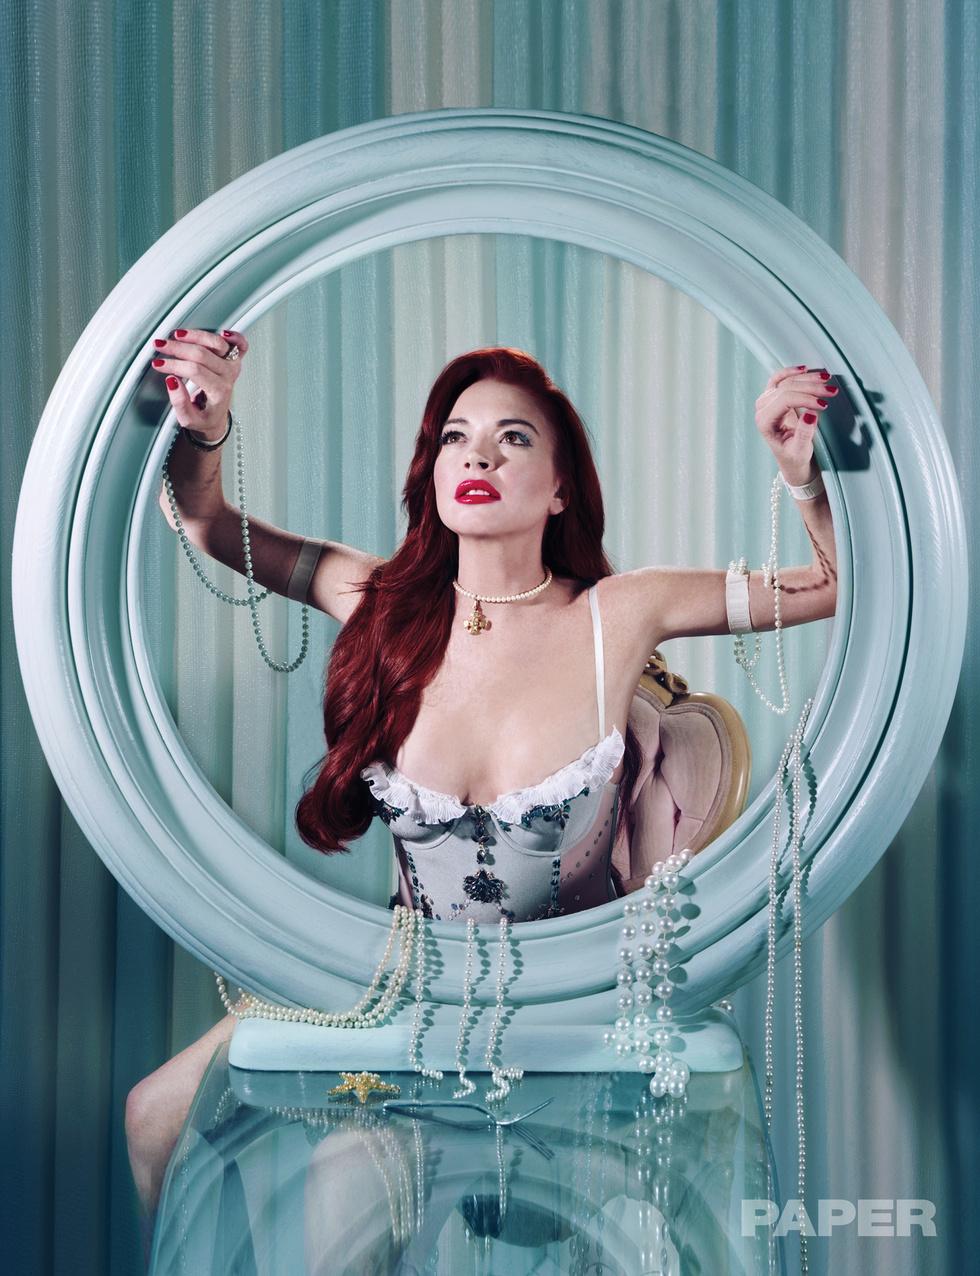 Линдси Лохан снялась в образах принцесс для журнала Paper  Линдсей Лохан